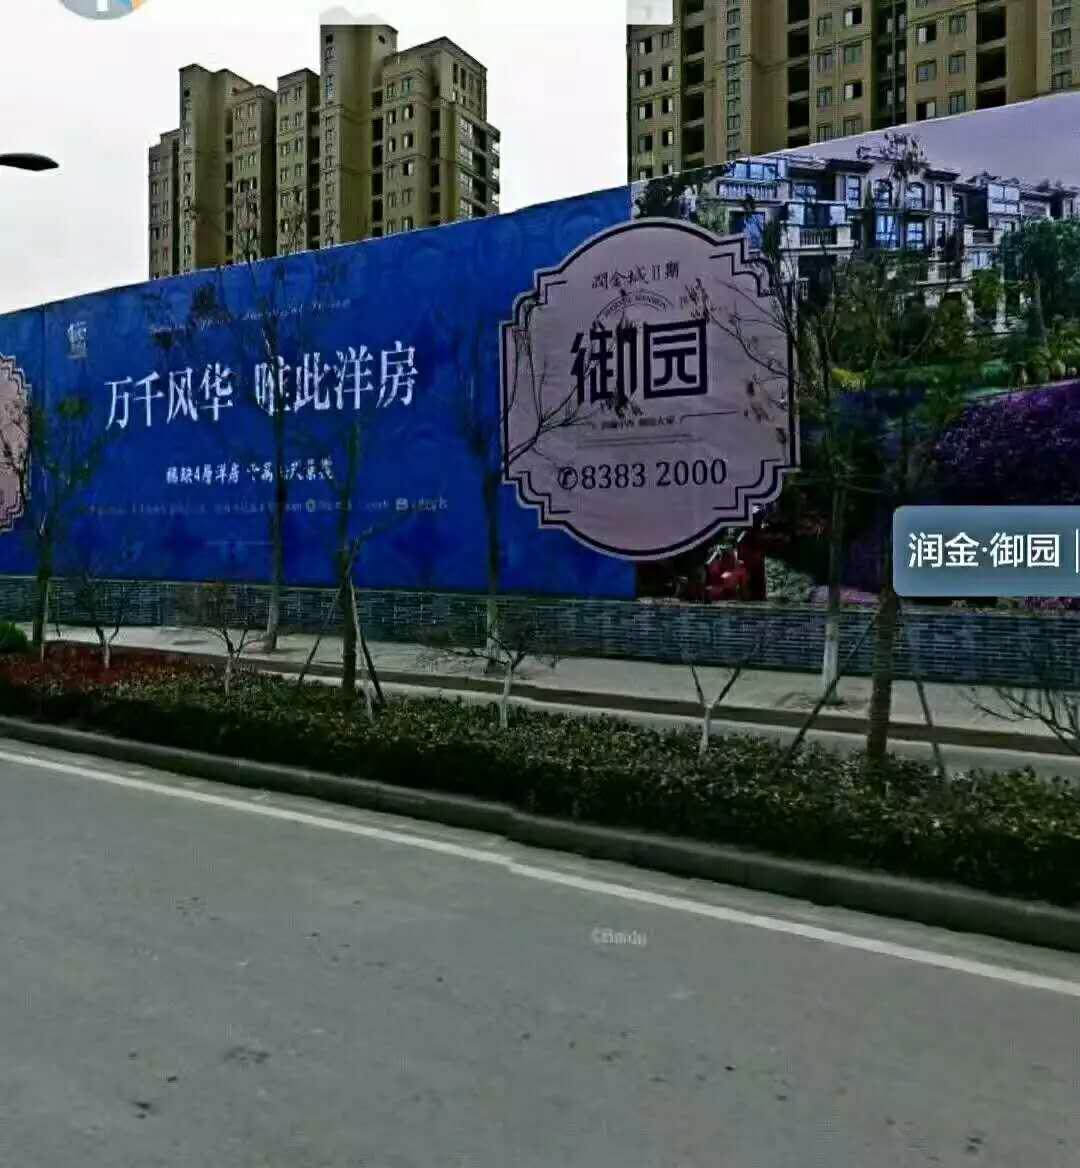 徐州·润金城|选择舒适100,选择红酒般品质生活!